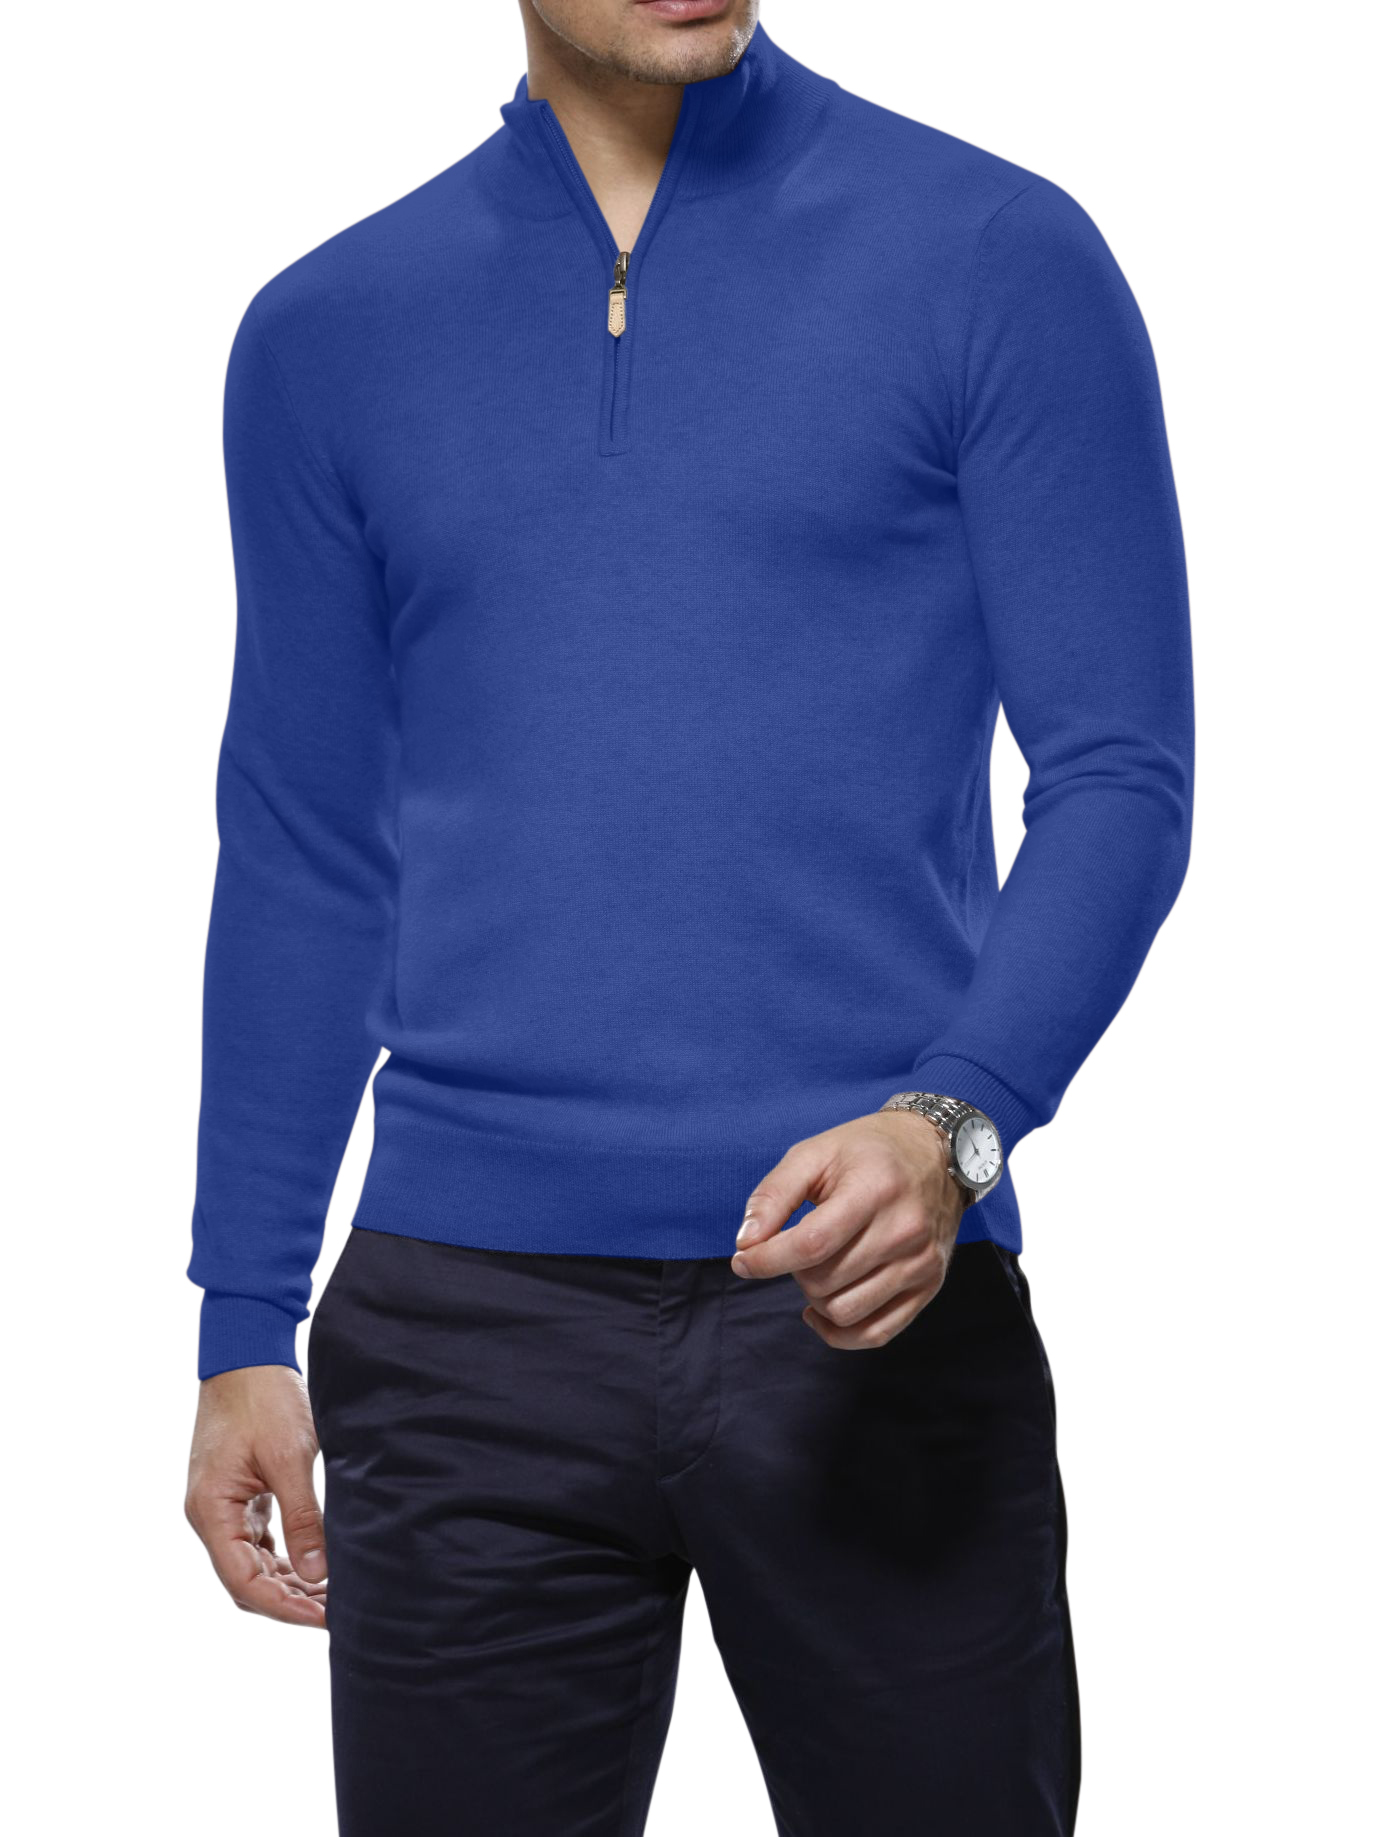 Prussian Blue Merino Wool 1/4 Zip Mock Sweater